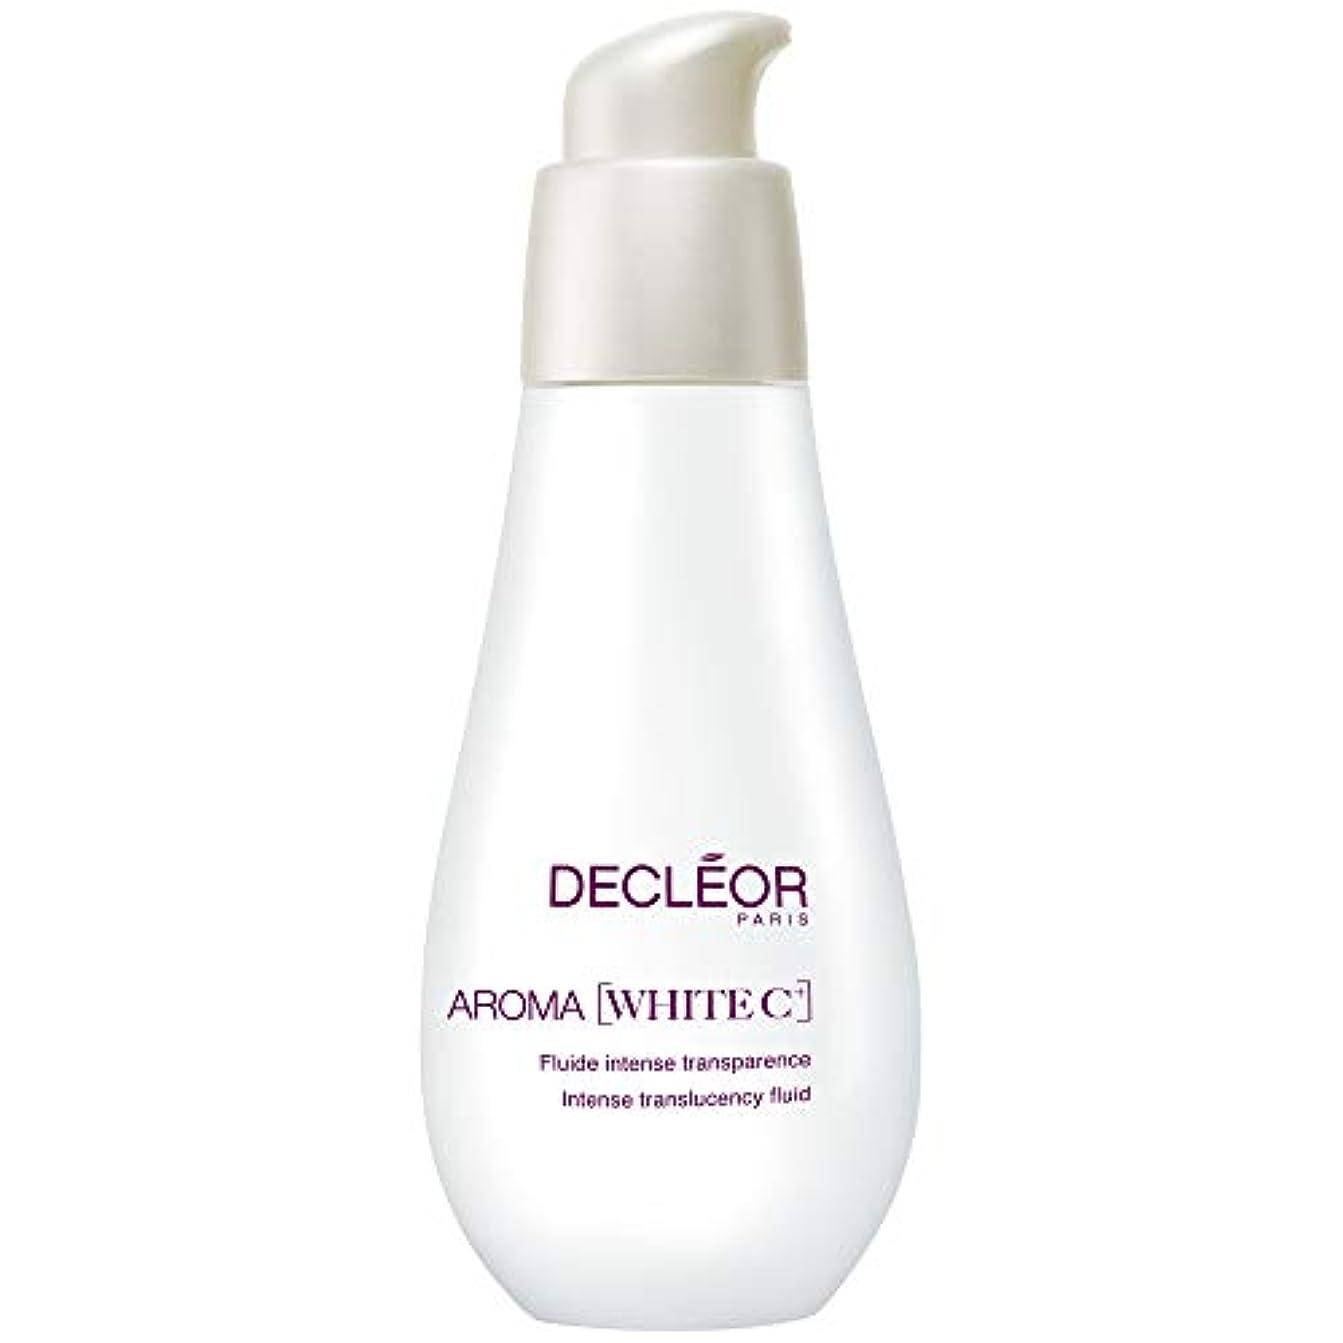 環境ドループ規則性[Decl?or] デクレオールアロマホワイトC +強烈な半透明の液体50ミリリットル - Decl?or Aroma White C+Intense Translucency Fluid 50ml [並行輸入品]